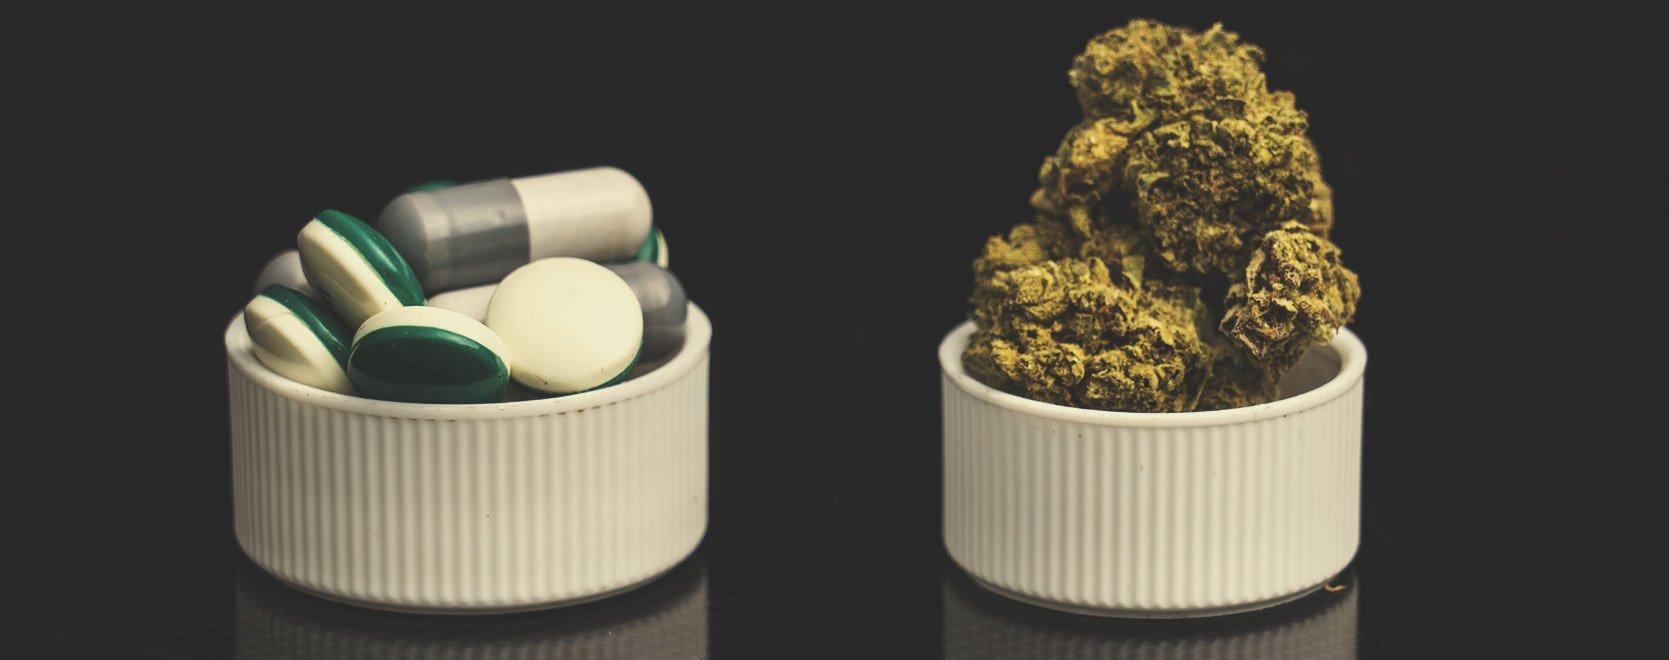 Che succede quando si combinano oppiacei e cannabis?